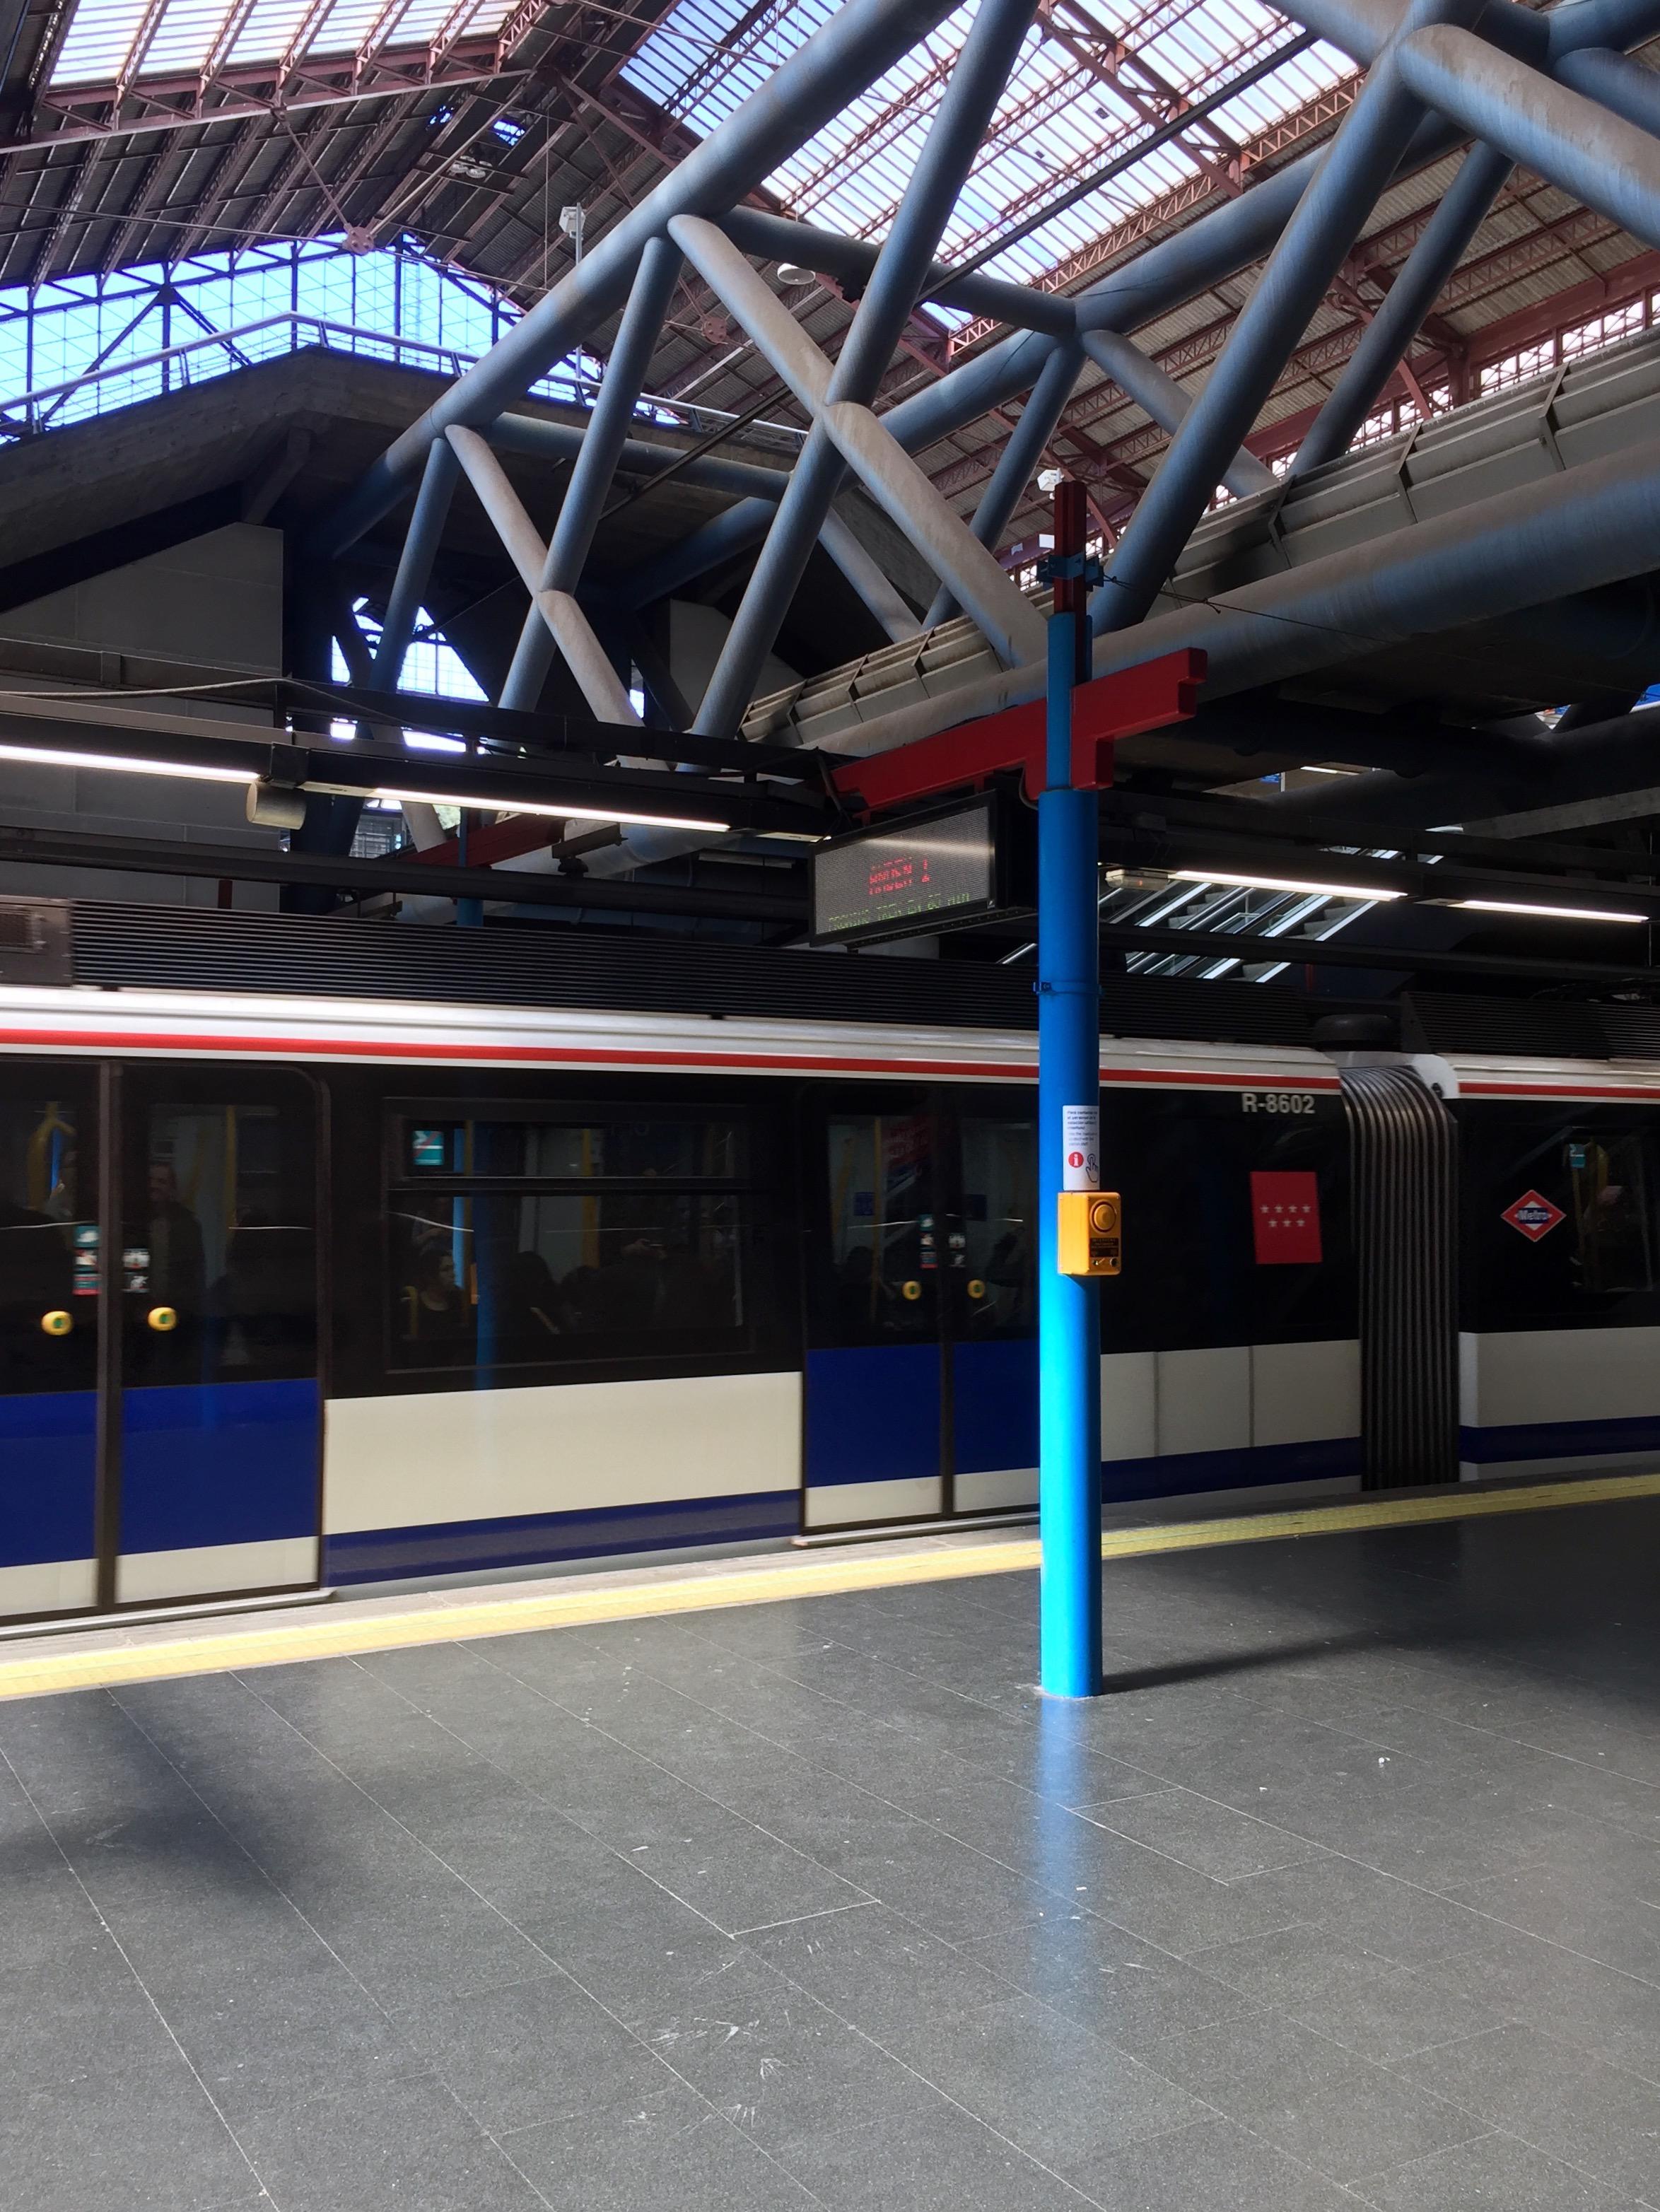 The familiar Metro stop of Príncipe Pío